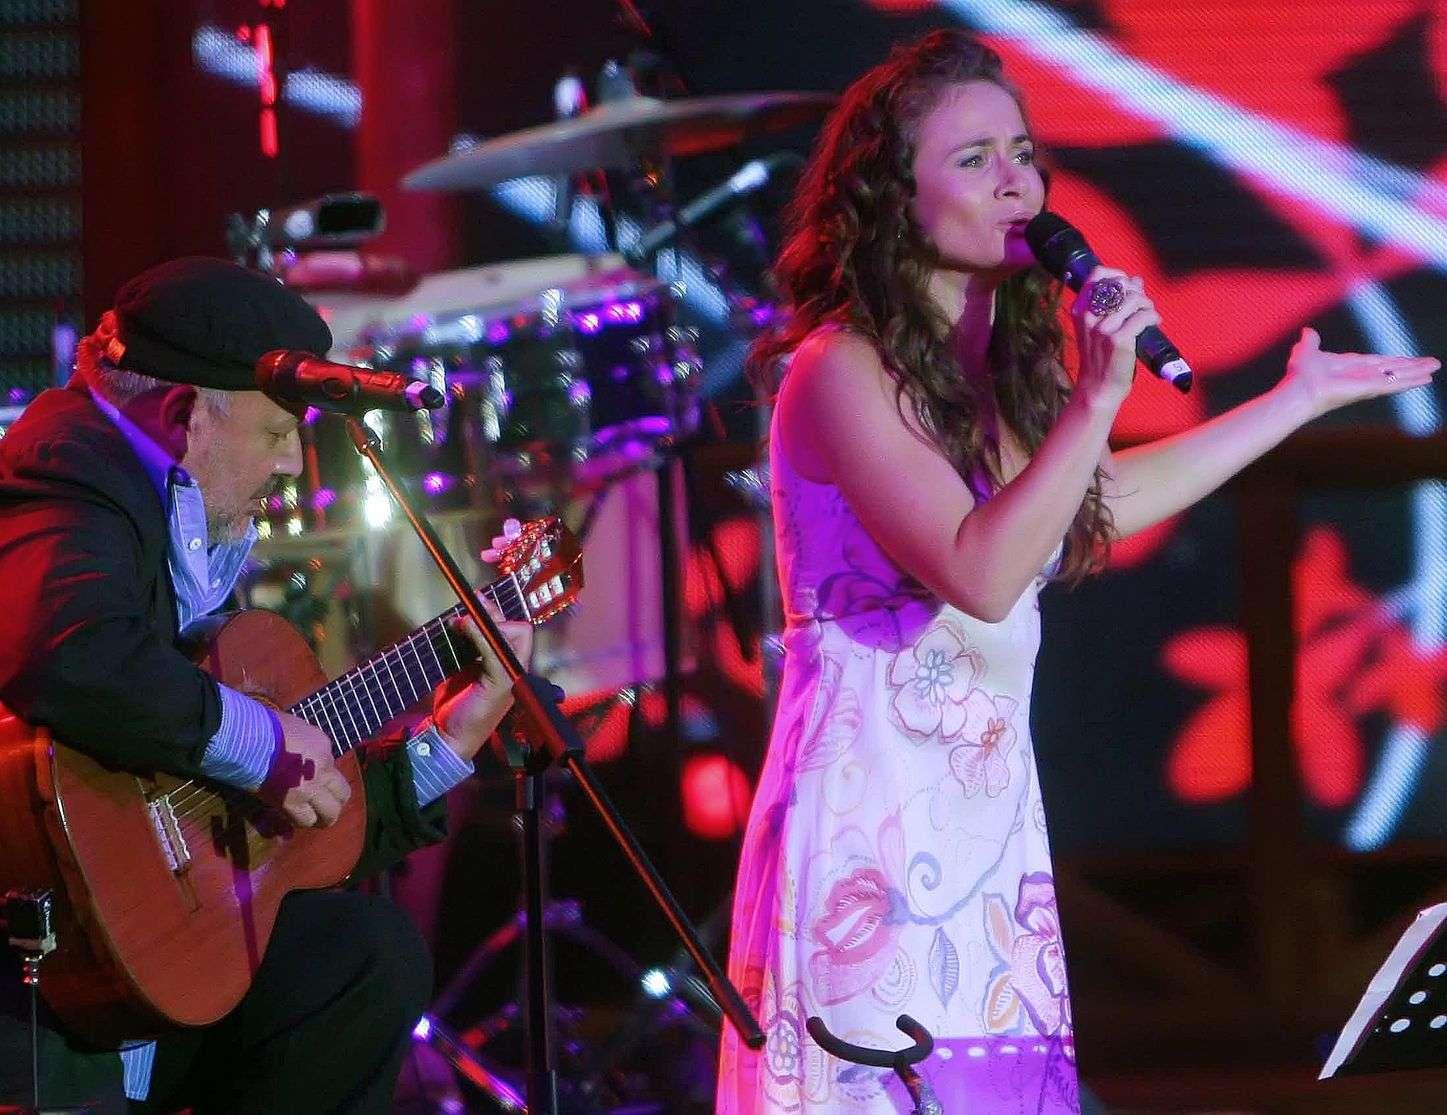 """En 2012 Amaya Forch lanzó """"La consentida"""", disco con un estilo folklórico. Foto: UPI"""